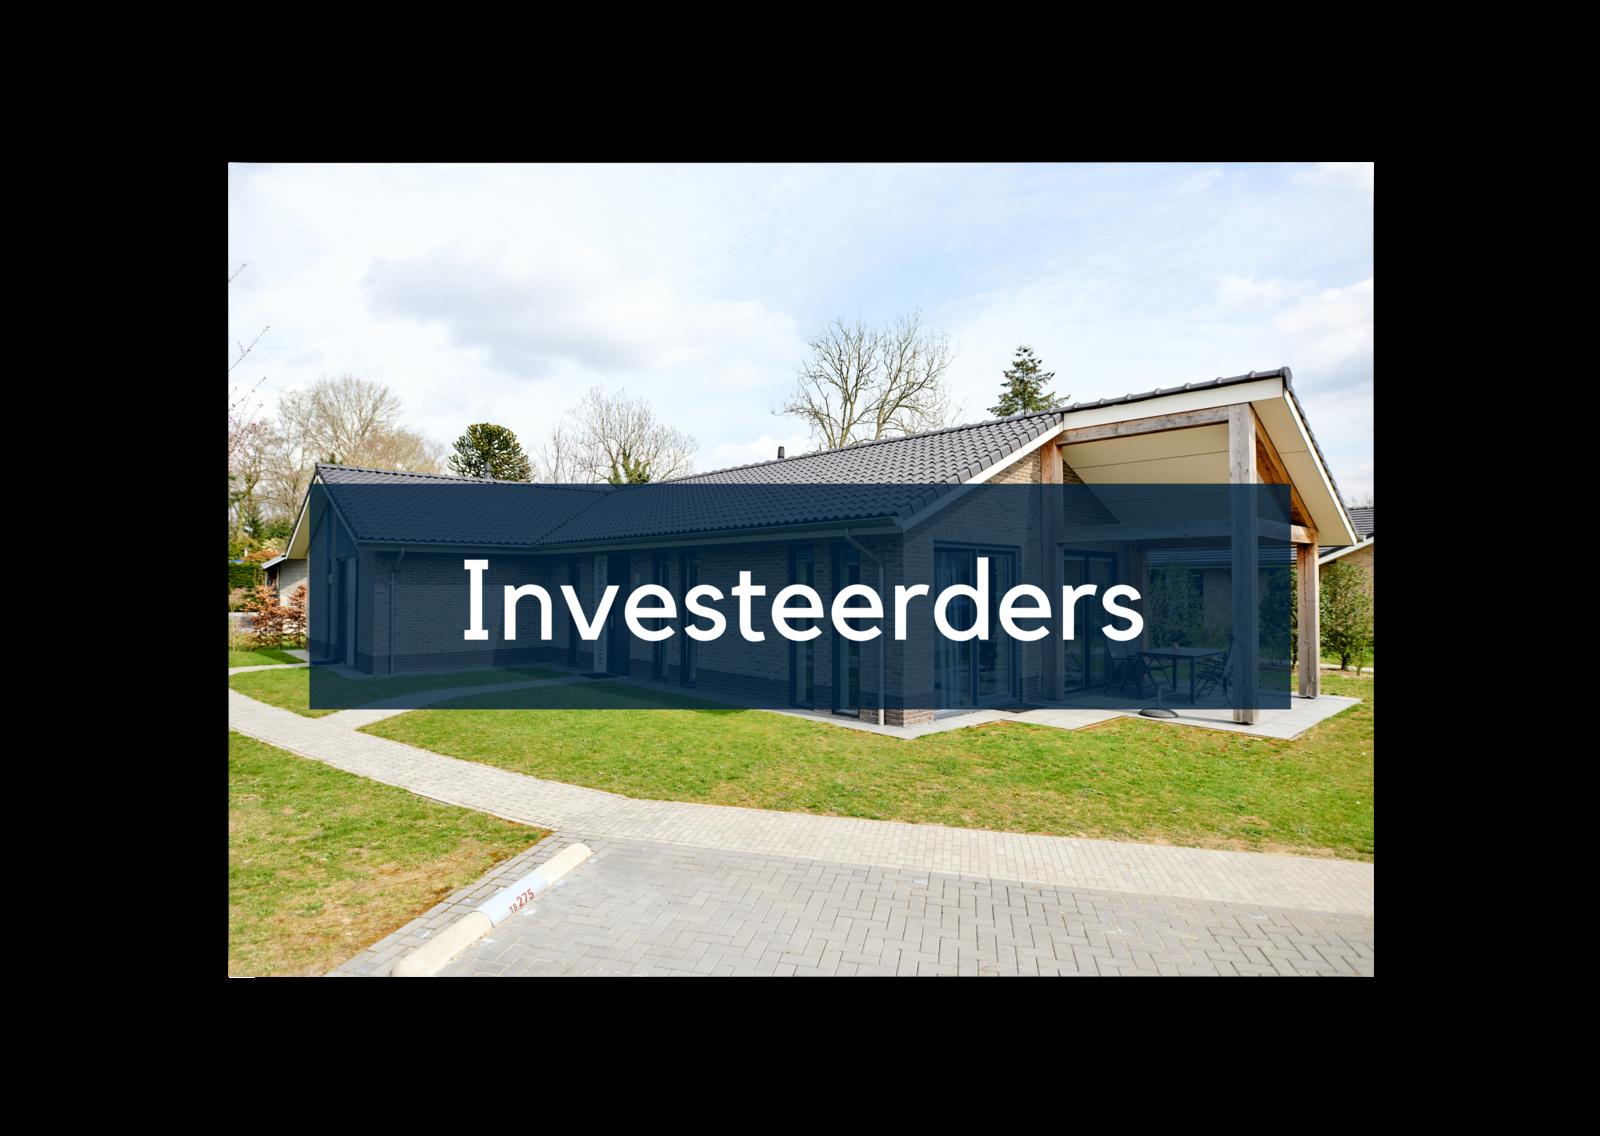 De investeerders in de markt hebben hulp nodig bij het kopen en verkopen van vakantiewoningen